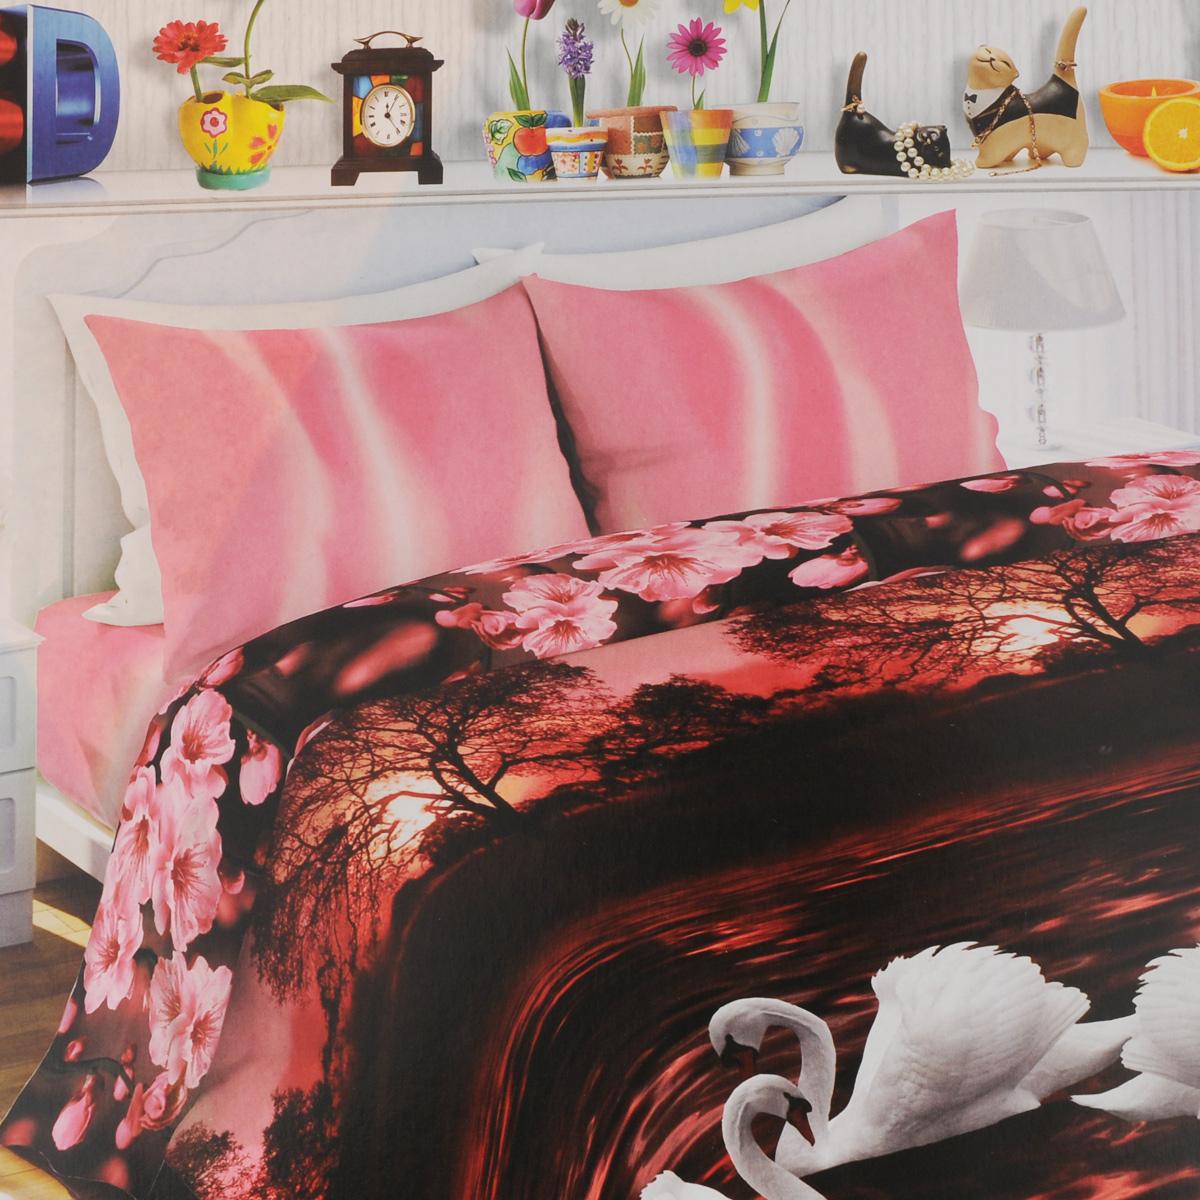 Комплект белья Любимый дом Лебединая верность, 1,5-спальный, наволочки 70х70, цвет: черно-розовый, белый326133Комплект постельного белья Любимый дом Лебединая верность состоит из пододеяльника, простыни и двух наволочек. Постельное белье оформлено оригинальным рисунком и имеет изысканный внешний вид. Белье изготовлено из новой ткани Биокомфорт, отвечающей всем необходимым нормативным стандартам. Биокомфорт - это ткань полотняного переплетения, из экологически чистого и натурального 100% хлопка. Неоспоримым плюсом белья из такой ткани является мягкость и легкость, она прекрасно пропускает воздух, приятна на ощупь, не образует катышков на поверхности и за ней легко ухаживать. При соблюдении рекомендаций по уходу, это белье выдерживает много стирок, не линяет и не теряет свою первоначальную прочность. Уникальная ткань обеспечивает легкую глажку. Приобретая комплект постельного белья Любимый дом Лебединая верность, вы можете быть уверены в том, что покупка доставит вам и вашим близким удовольствие и подарит максимальный...